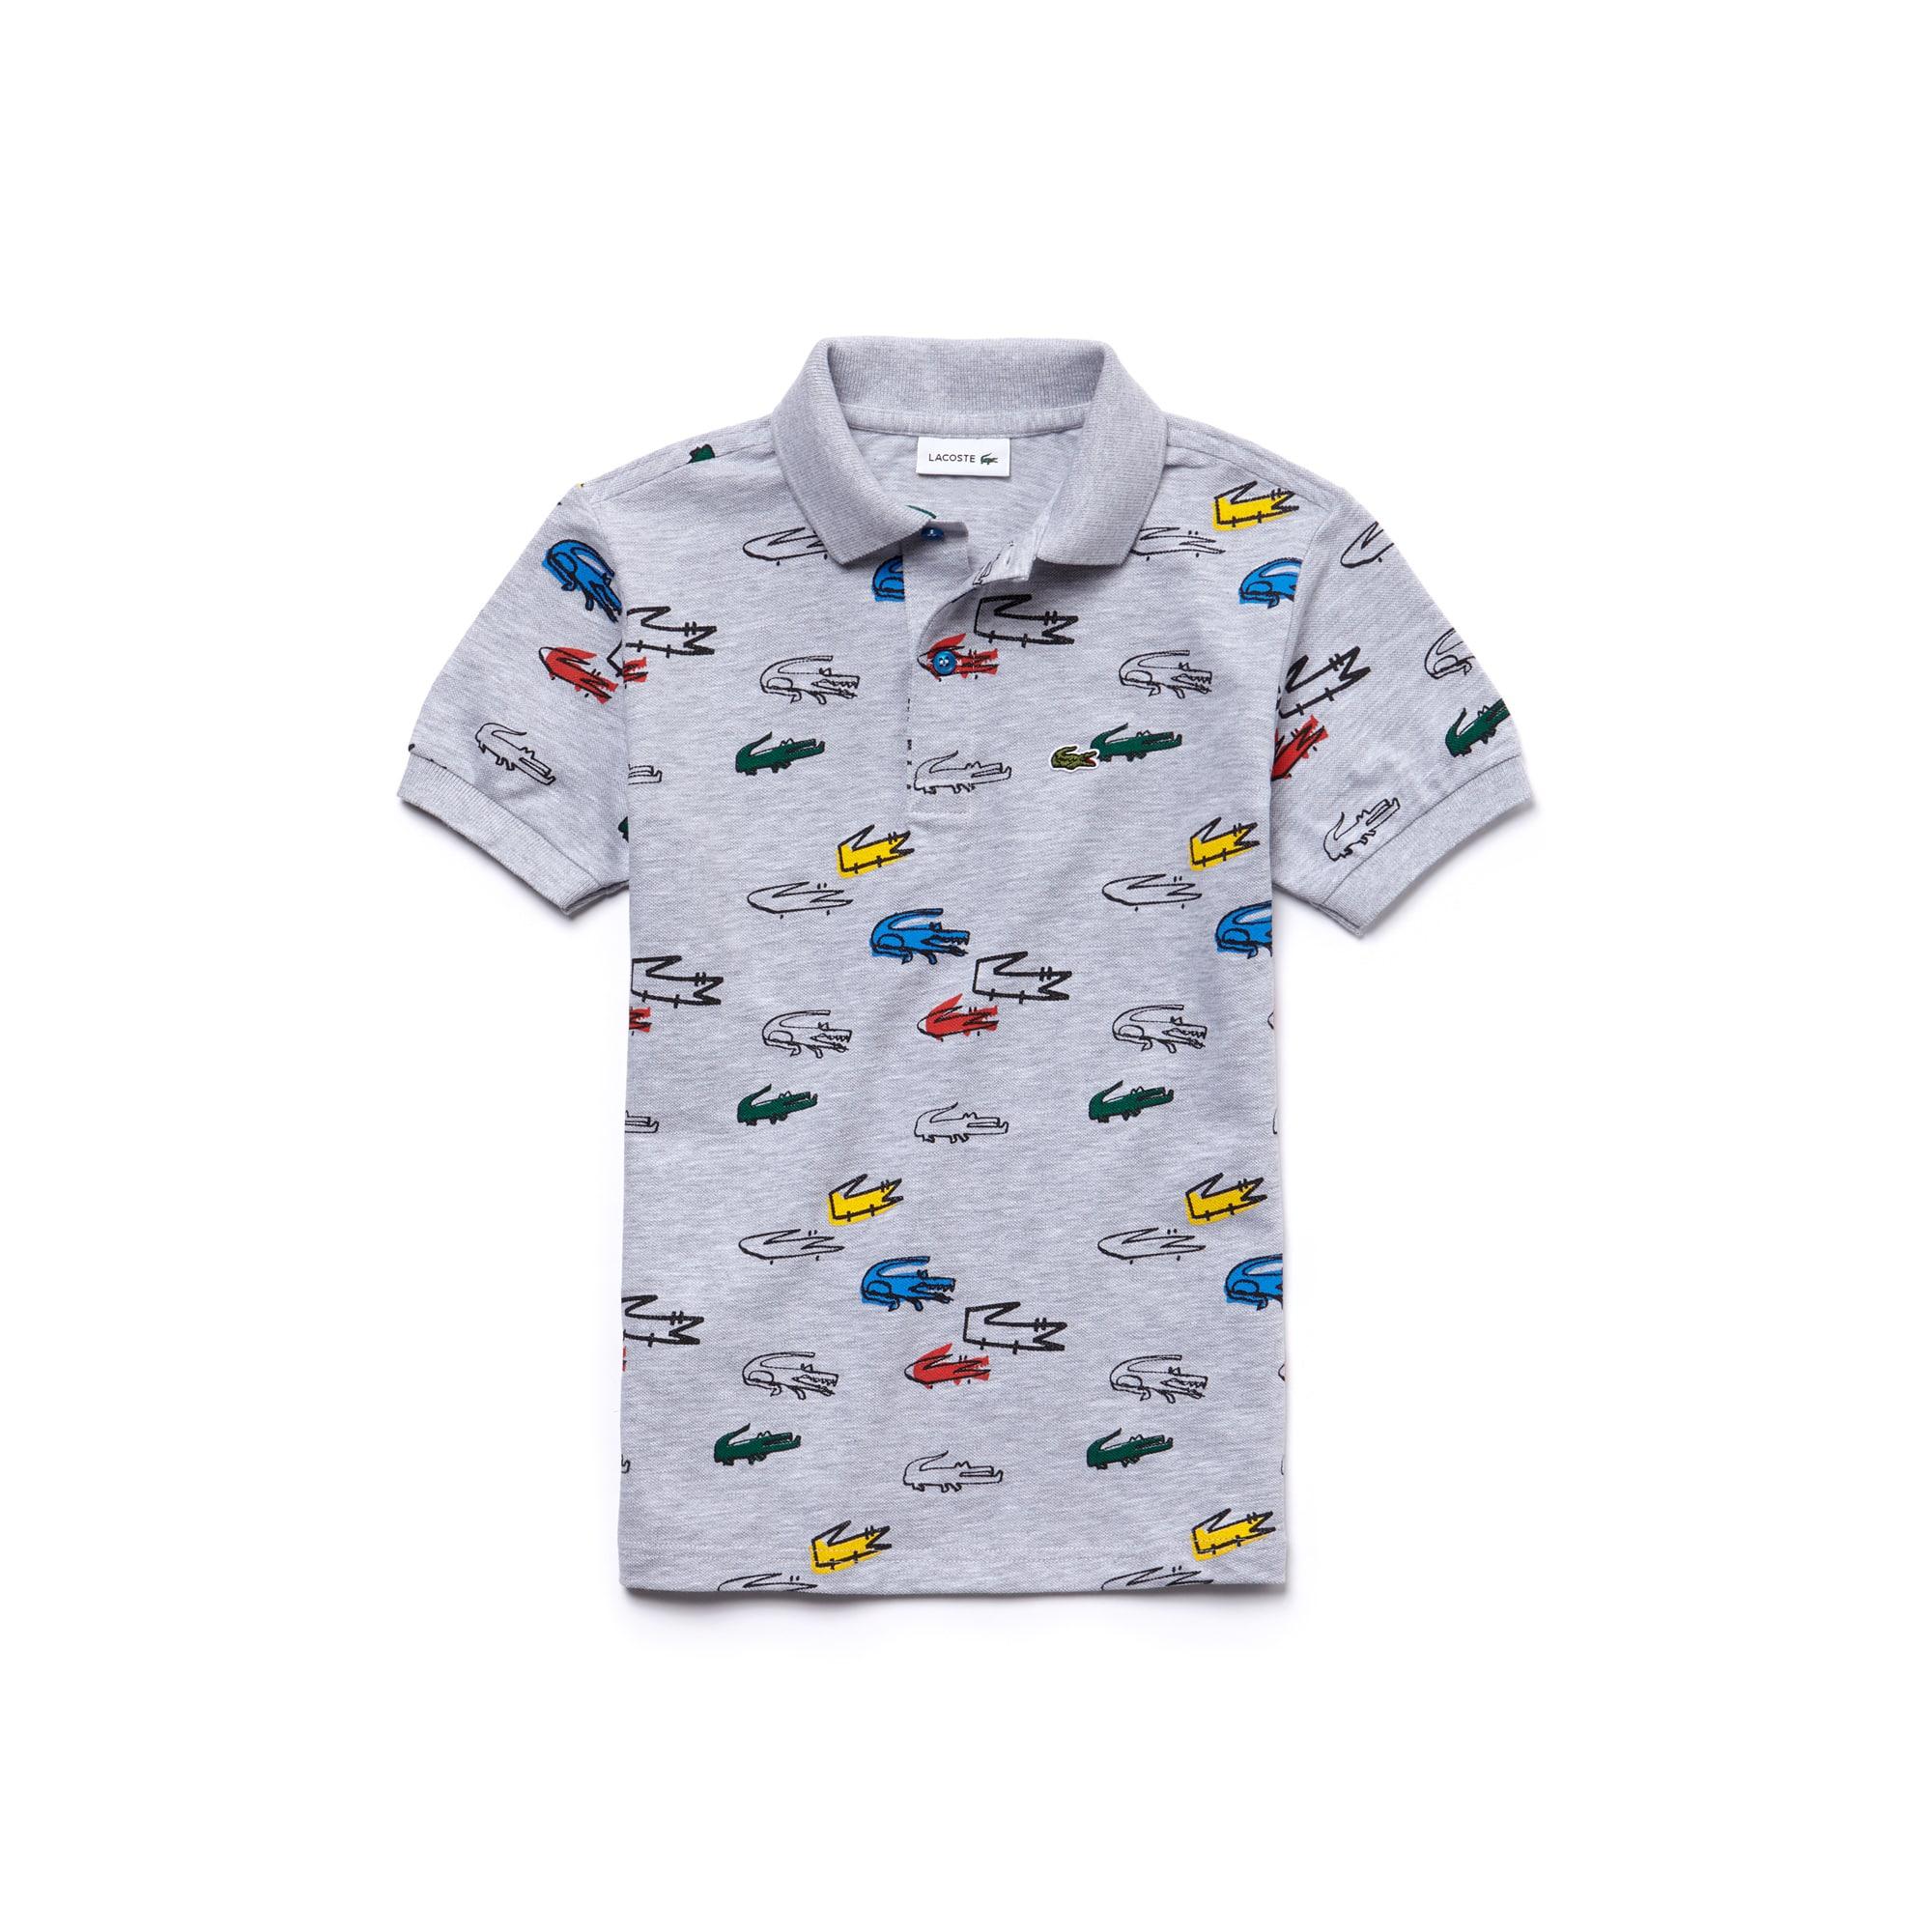 Kids' Classic Fit Crocodile Print Cotton Petit Piqué Polo Shirt